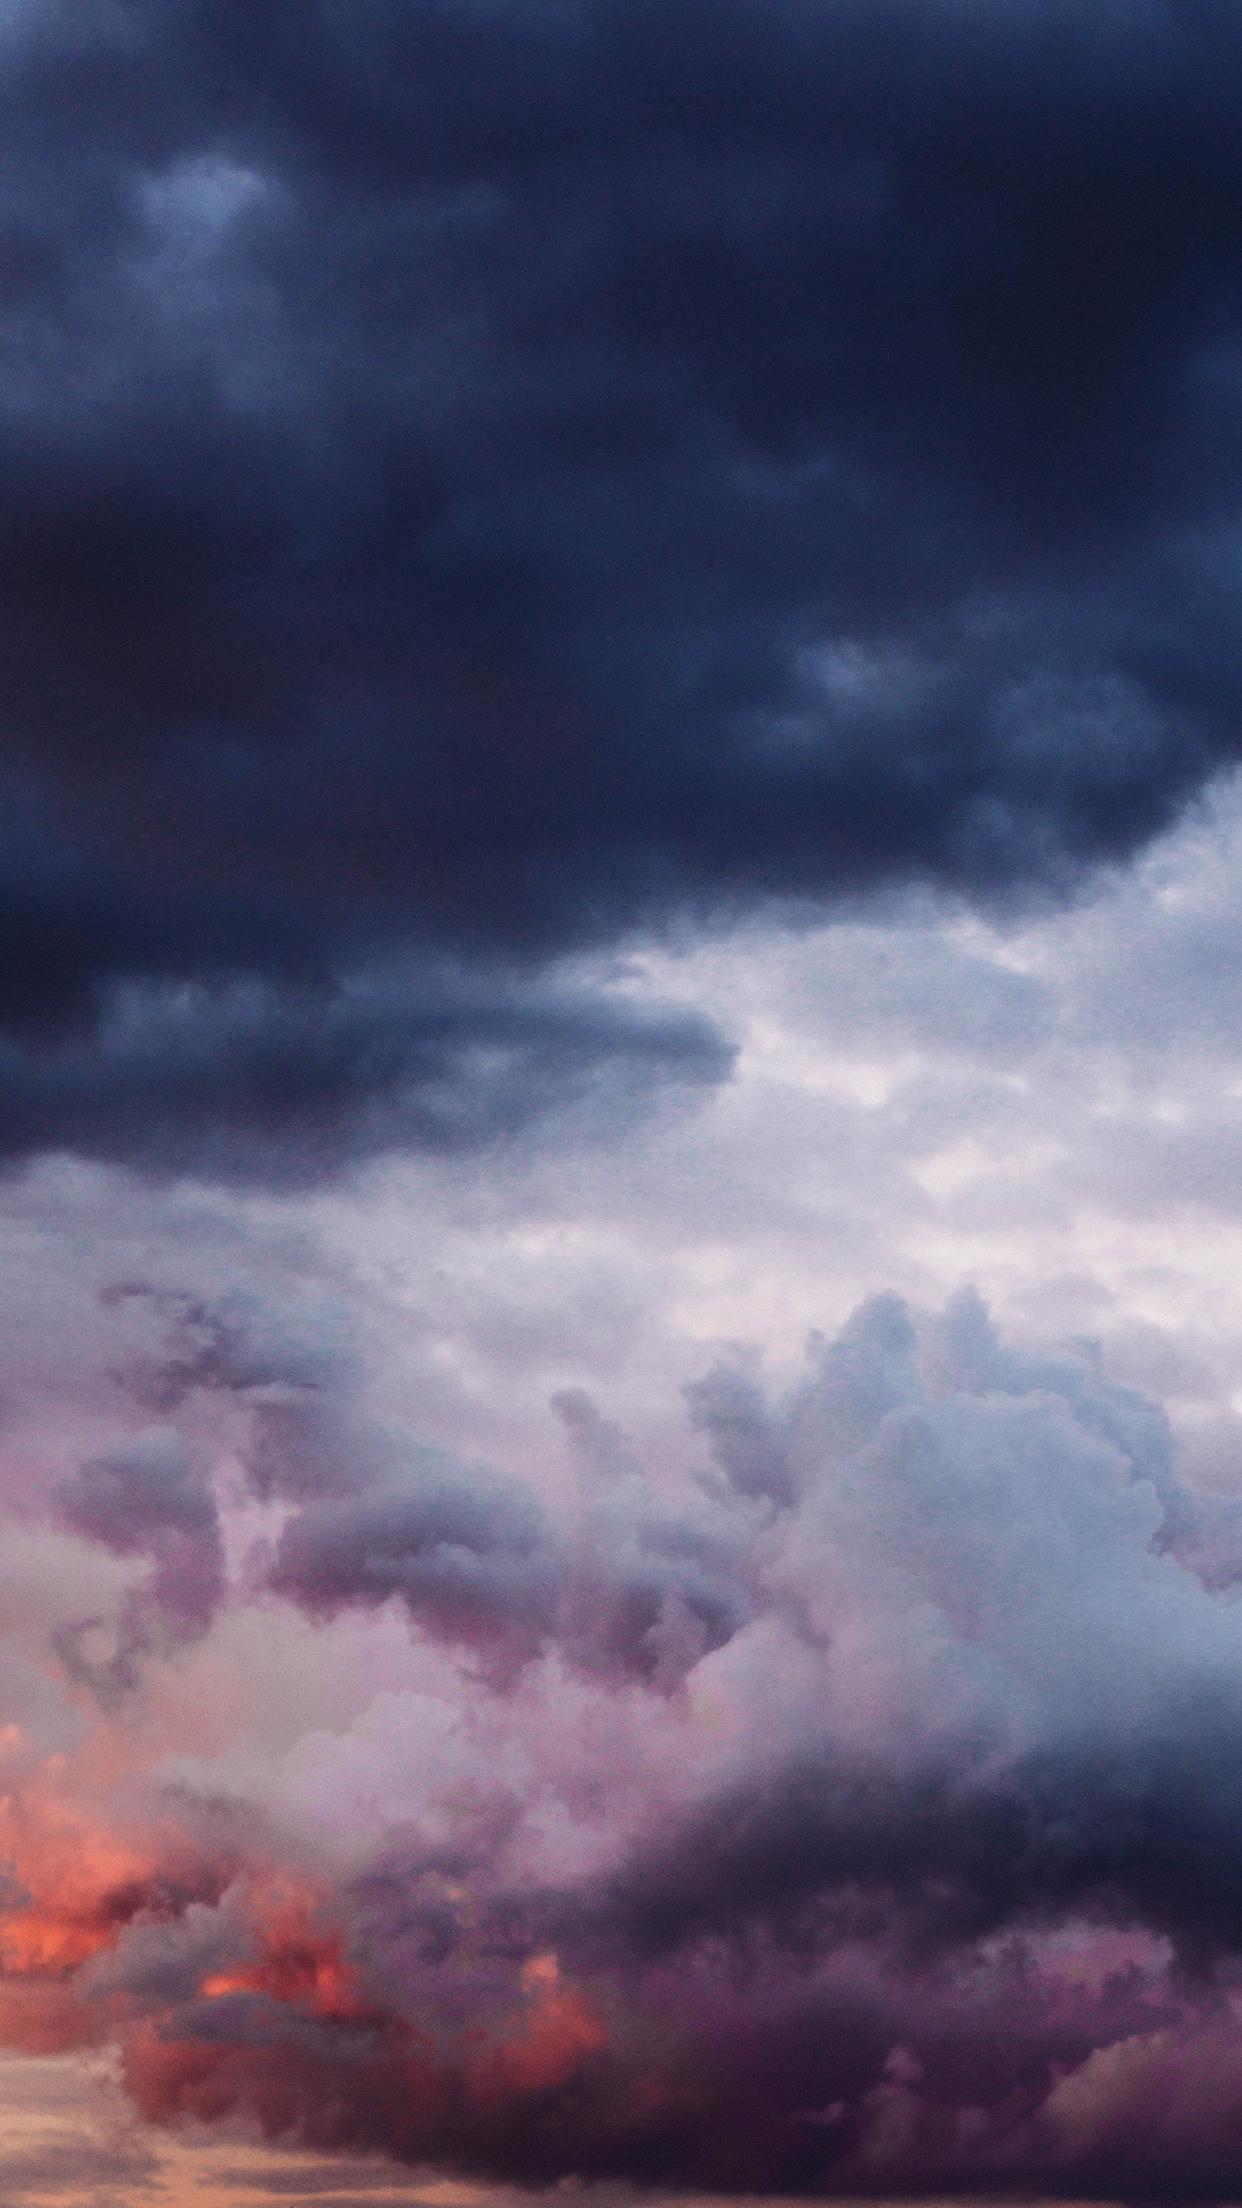 Cloudy Sky 1 3Wallpapers iPhone Parallax 3Wallpapers : notre sélection de fonds décran du 28/08/2017